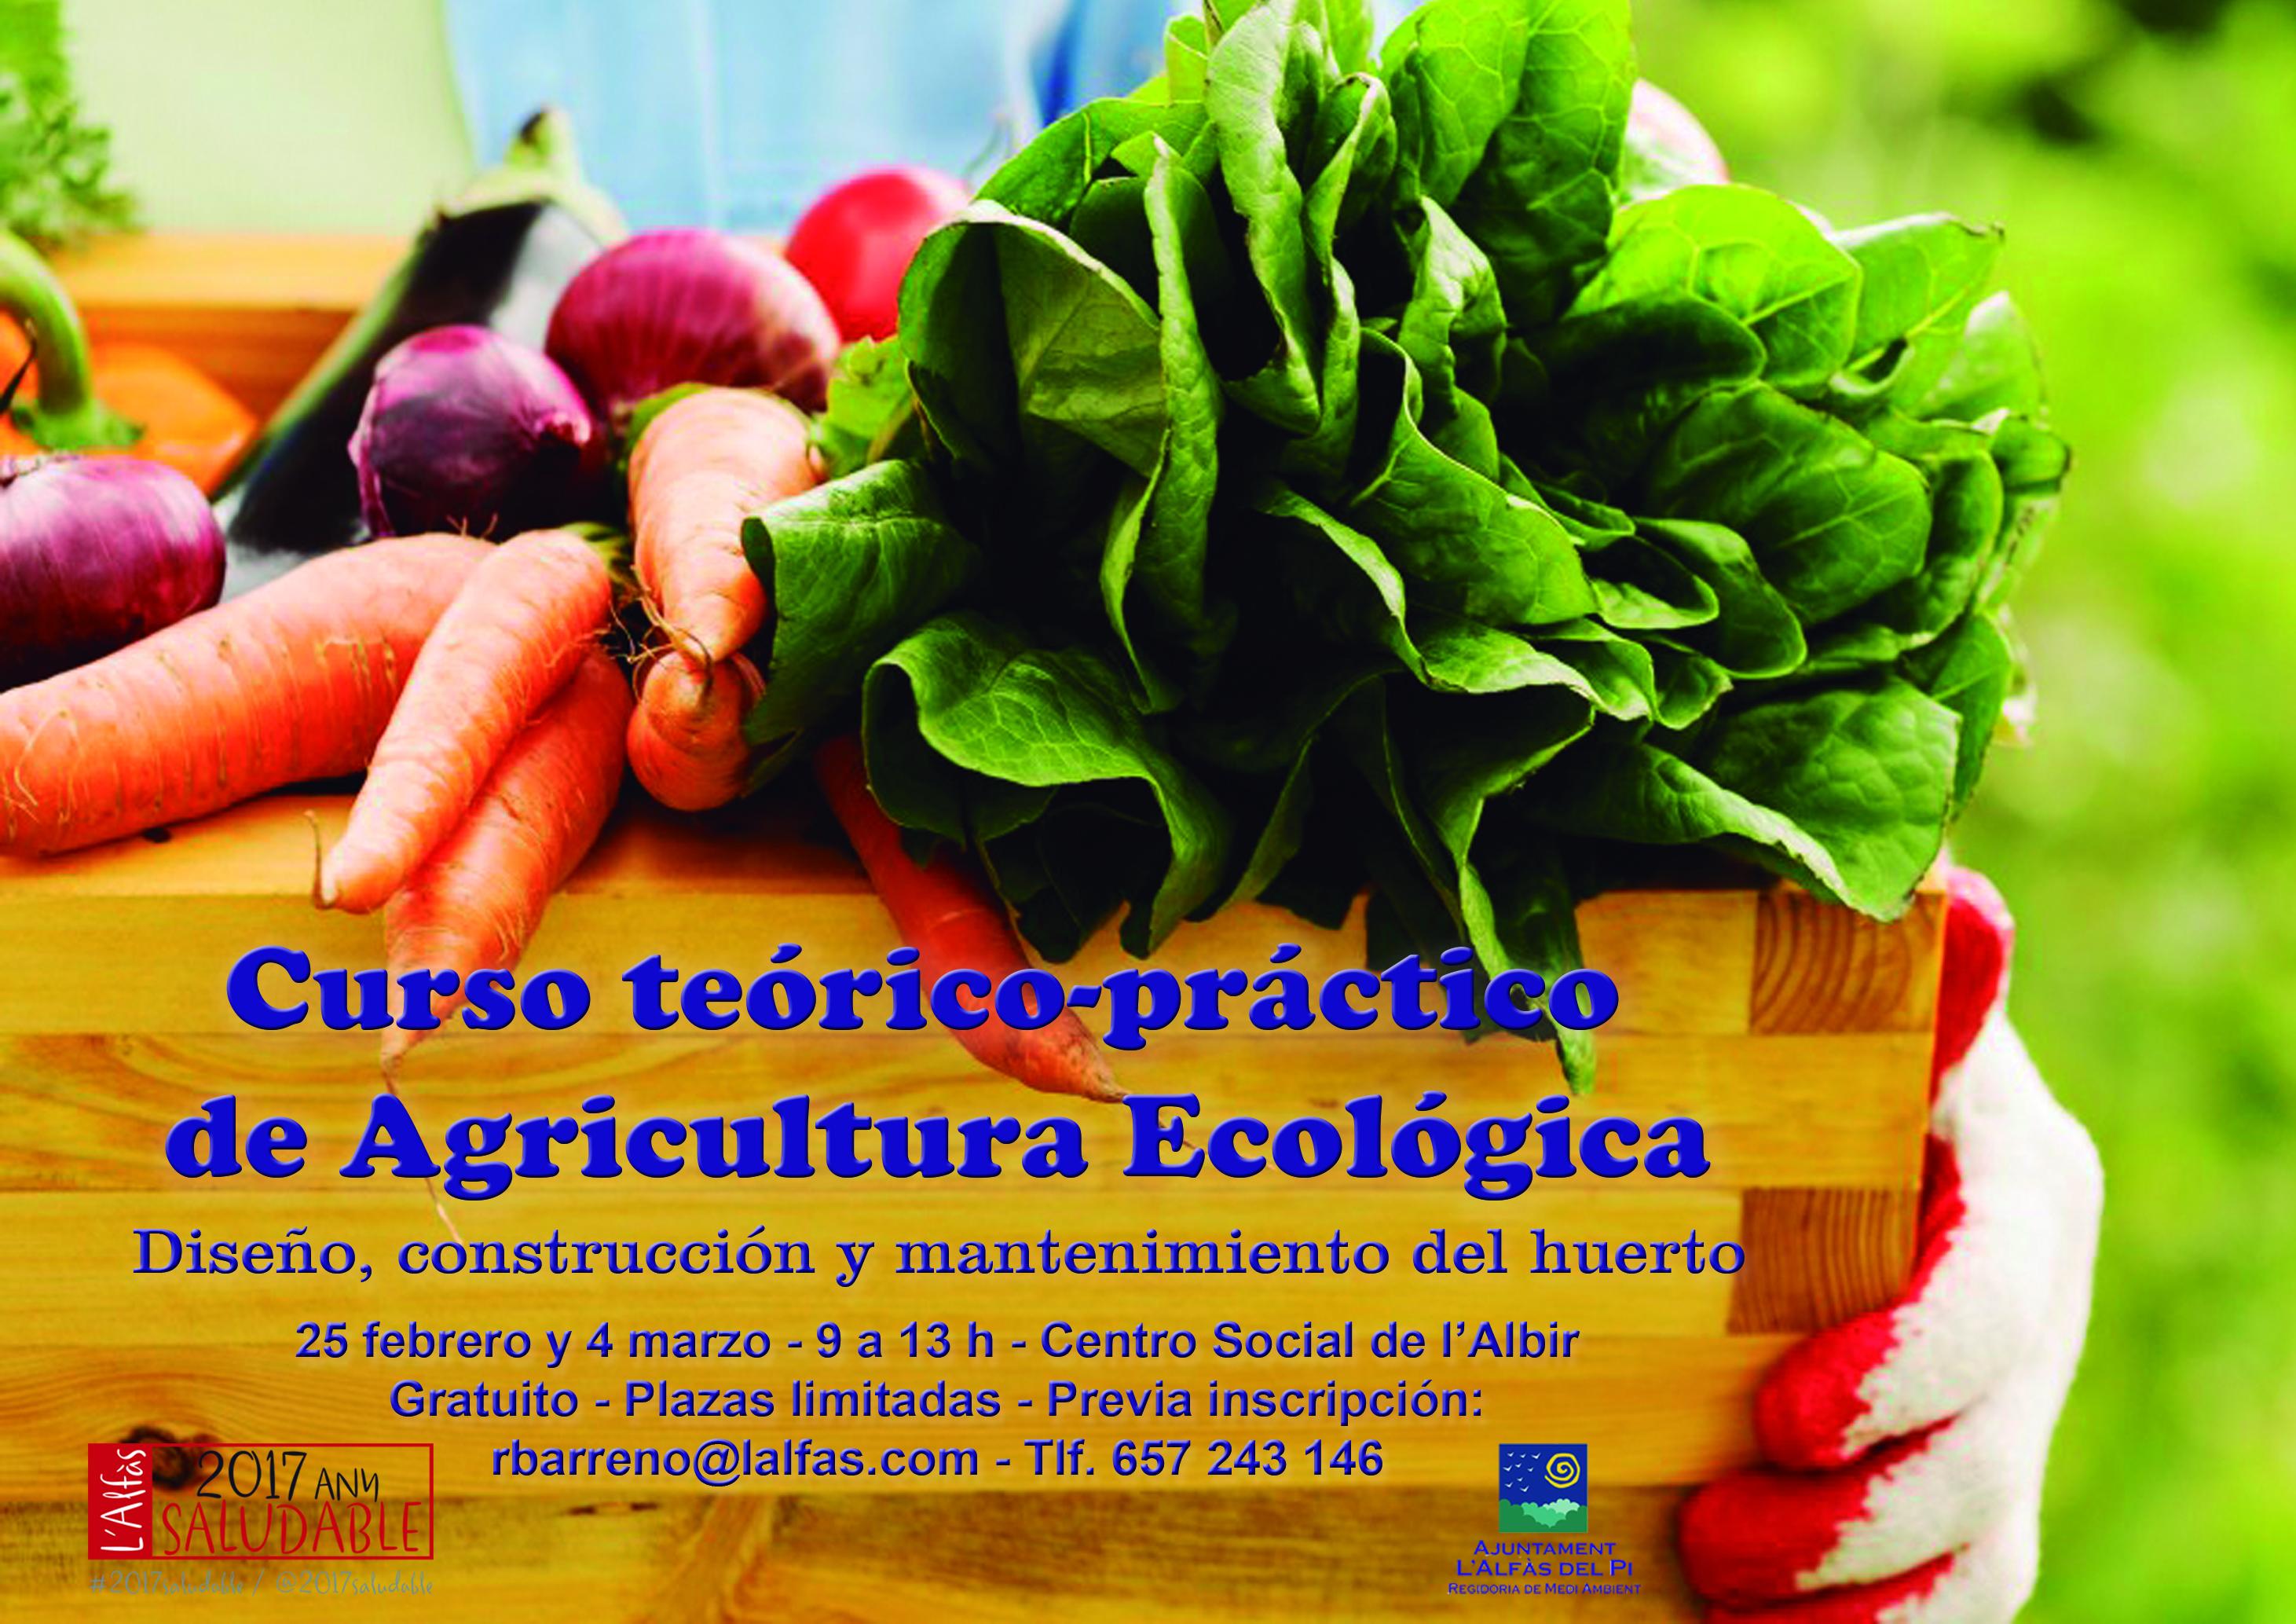 El Ayuntamiento de l'Alfàs organiza un curso gratuito de agricultura ecológica